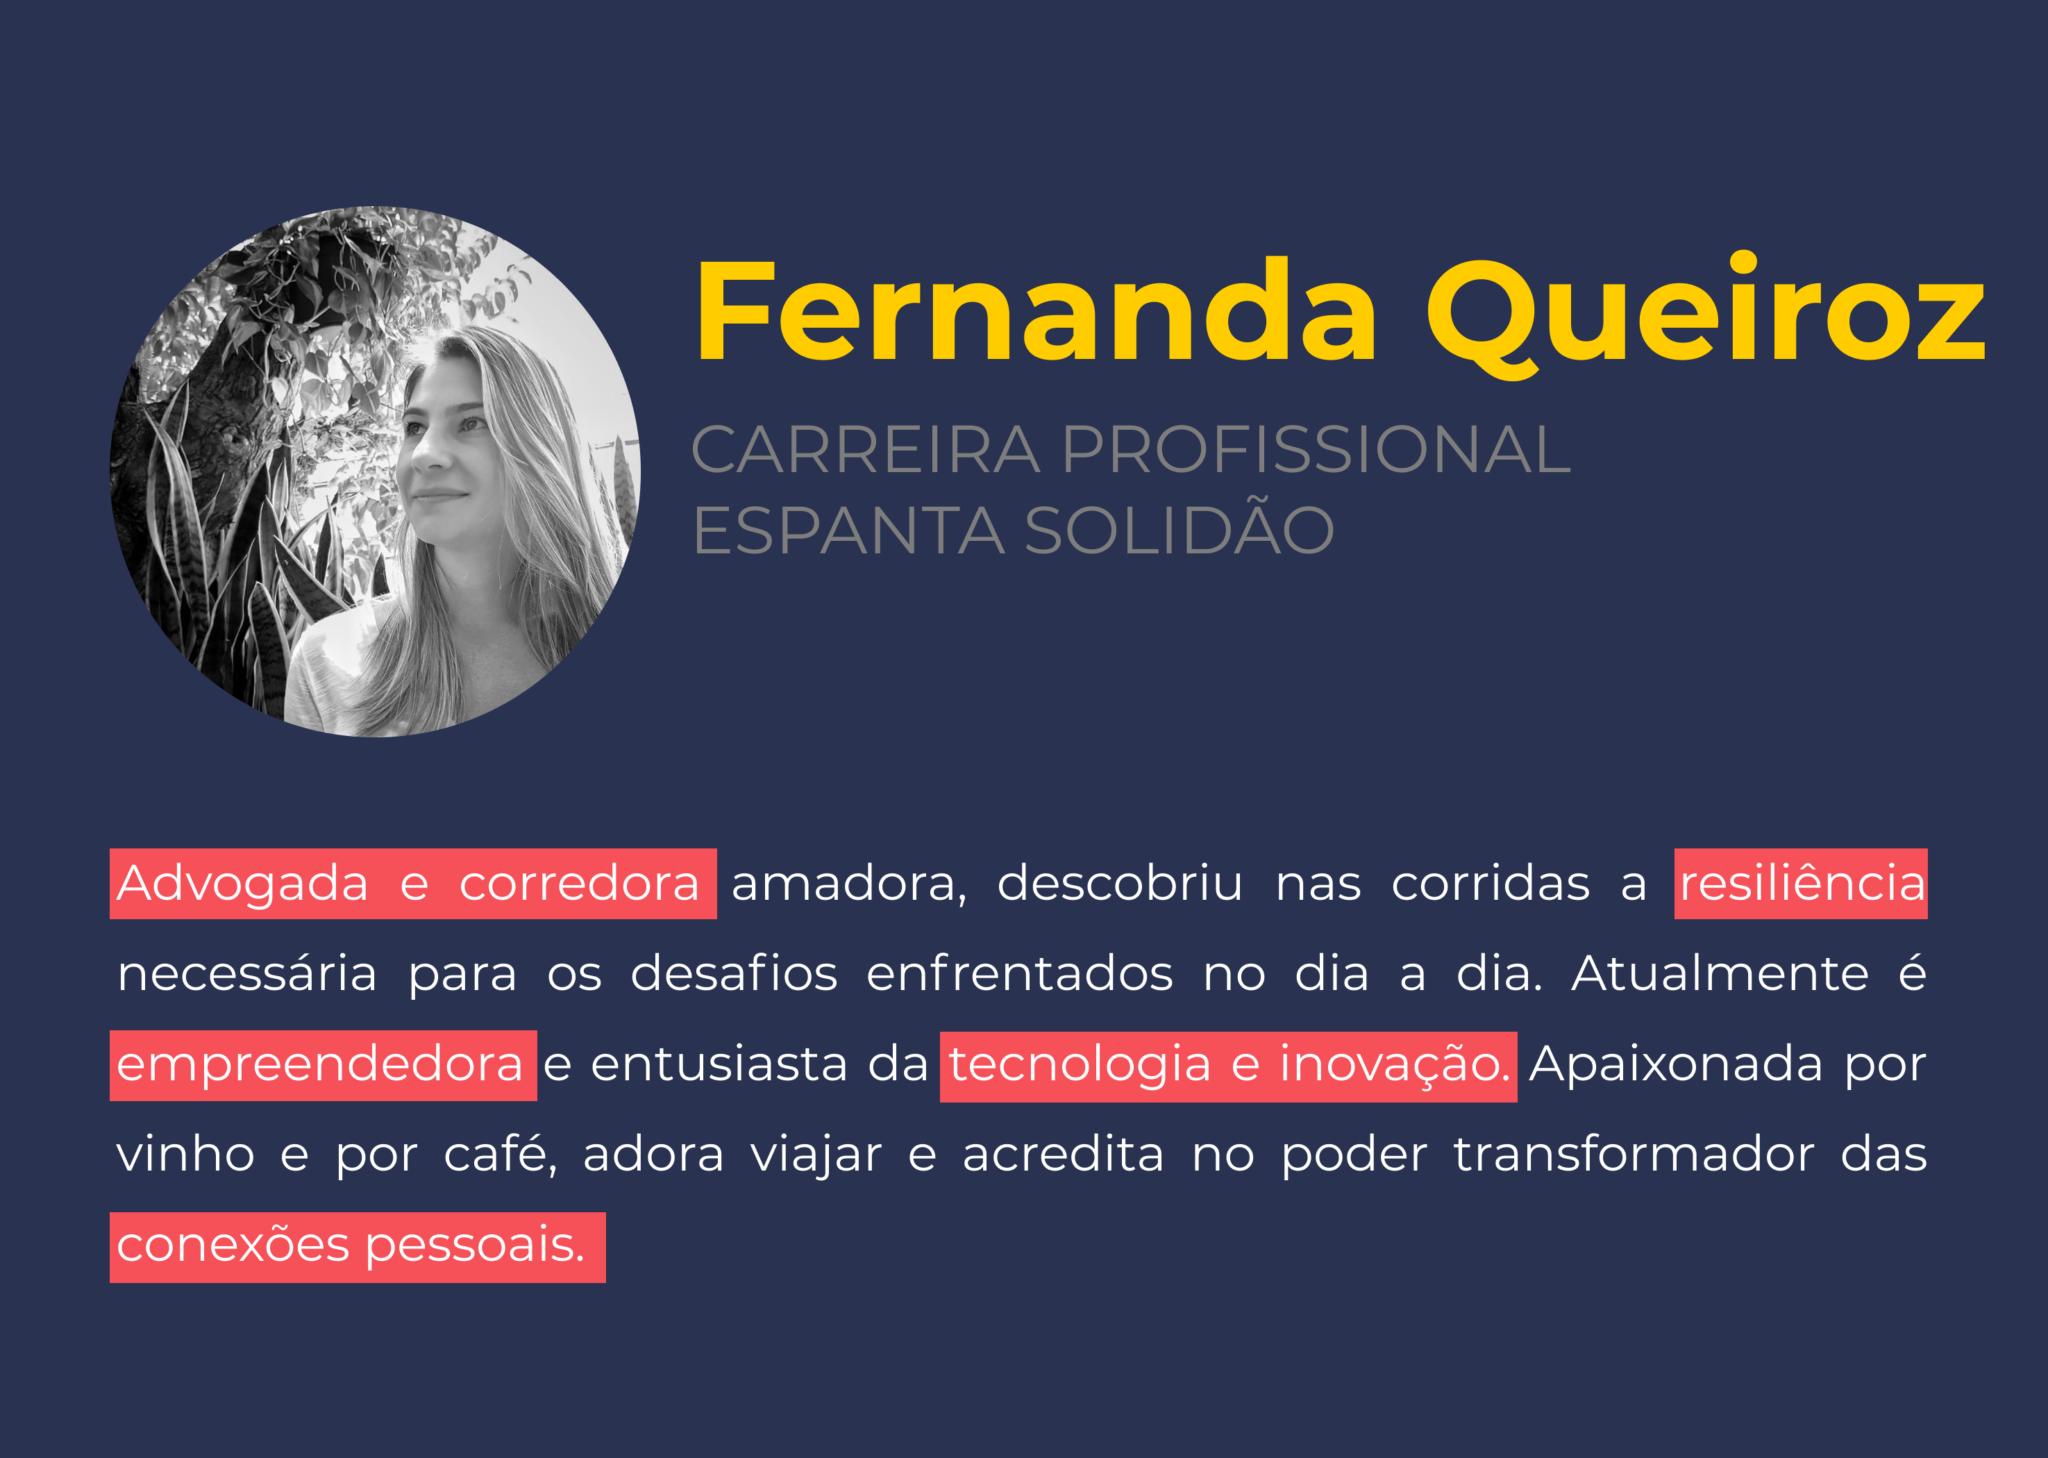 Fernanda Queiroz